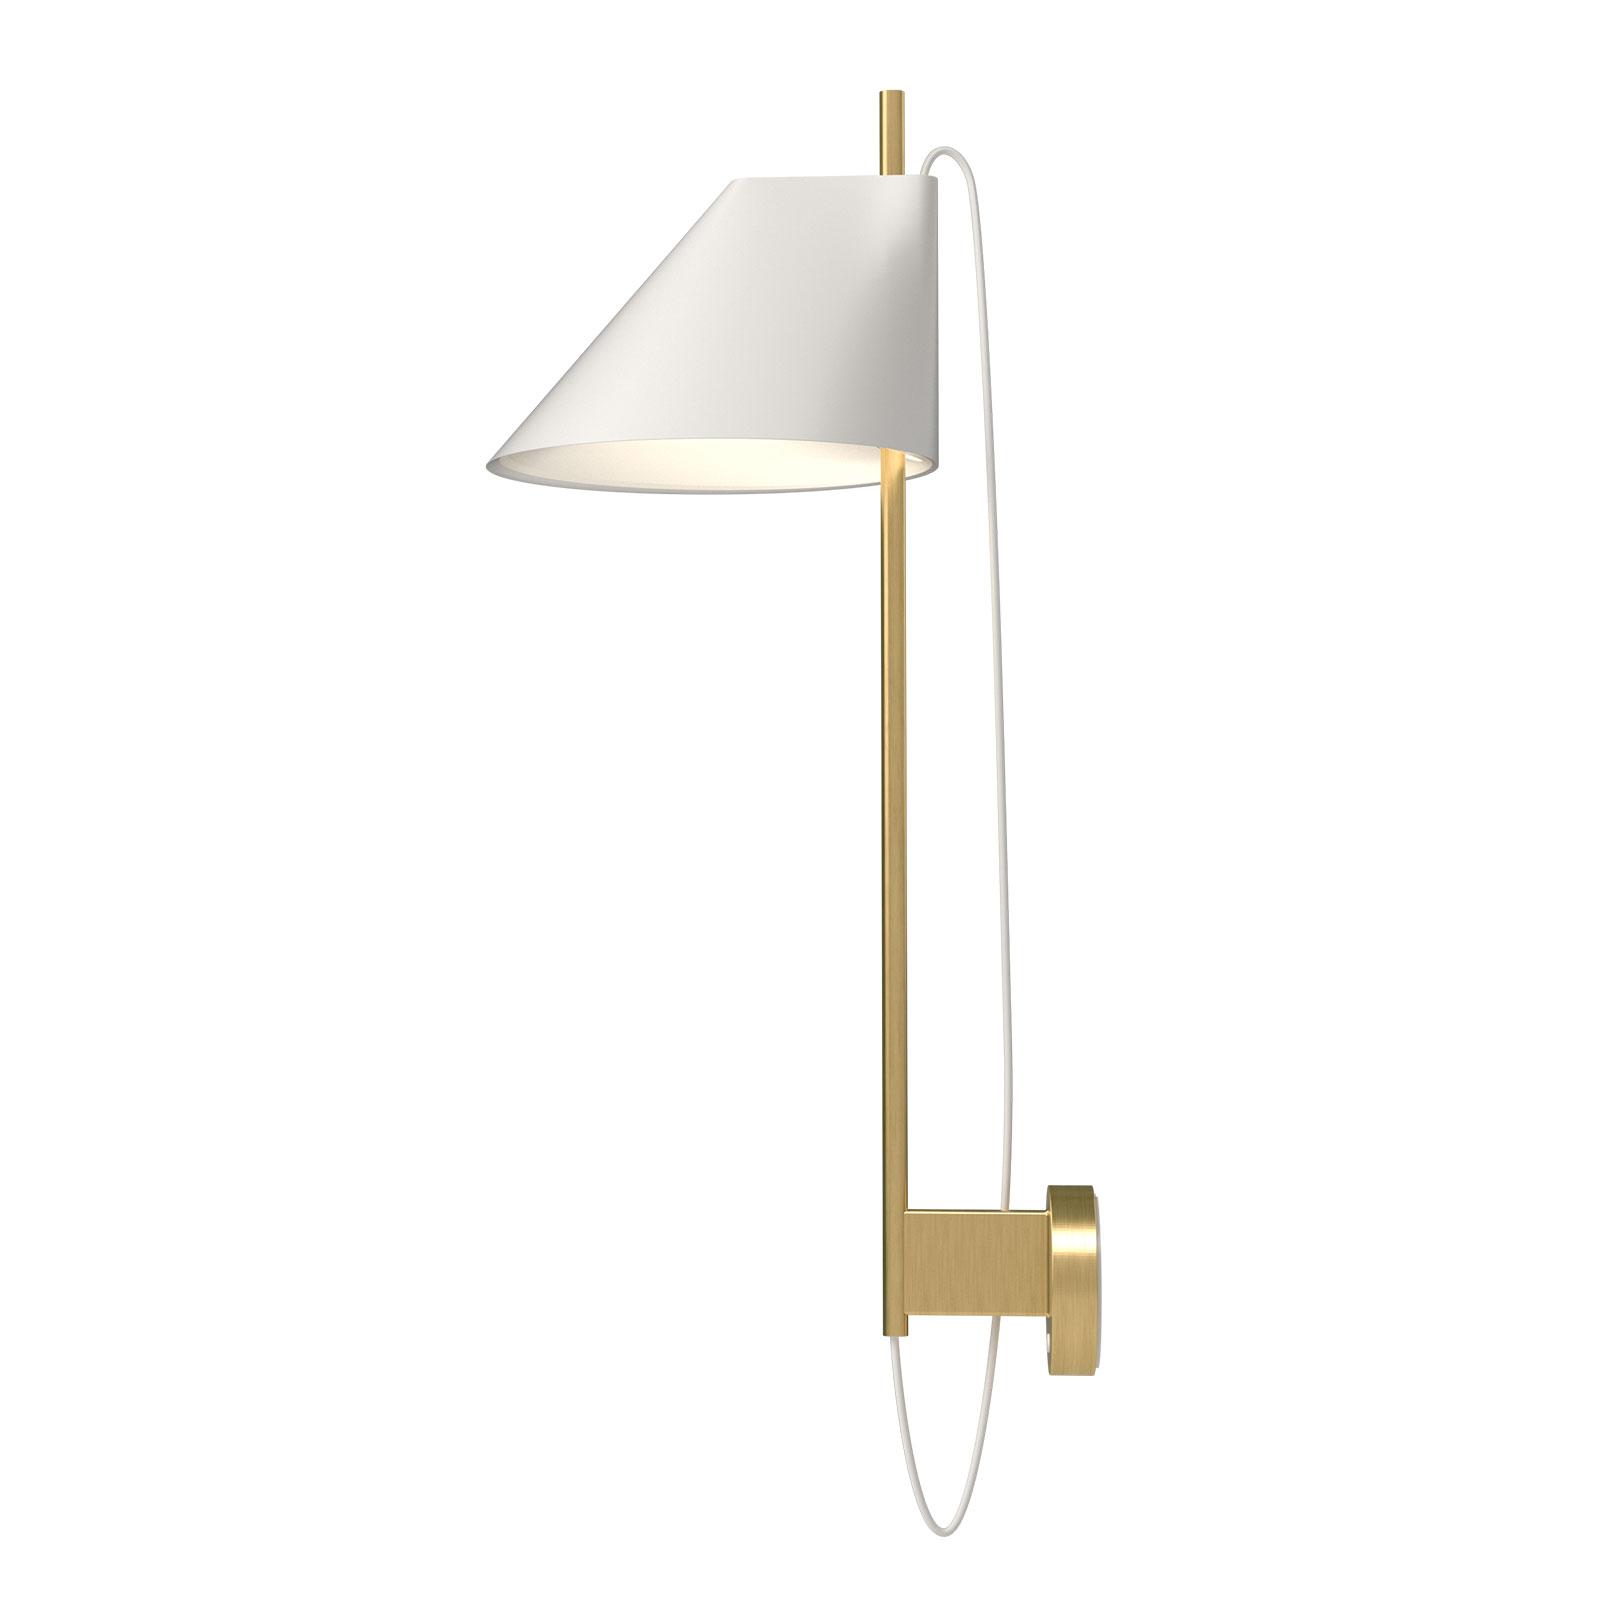 Louis Poulsen Marmor-Wandlampe Yuh Brass, weiß